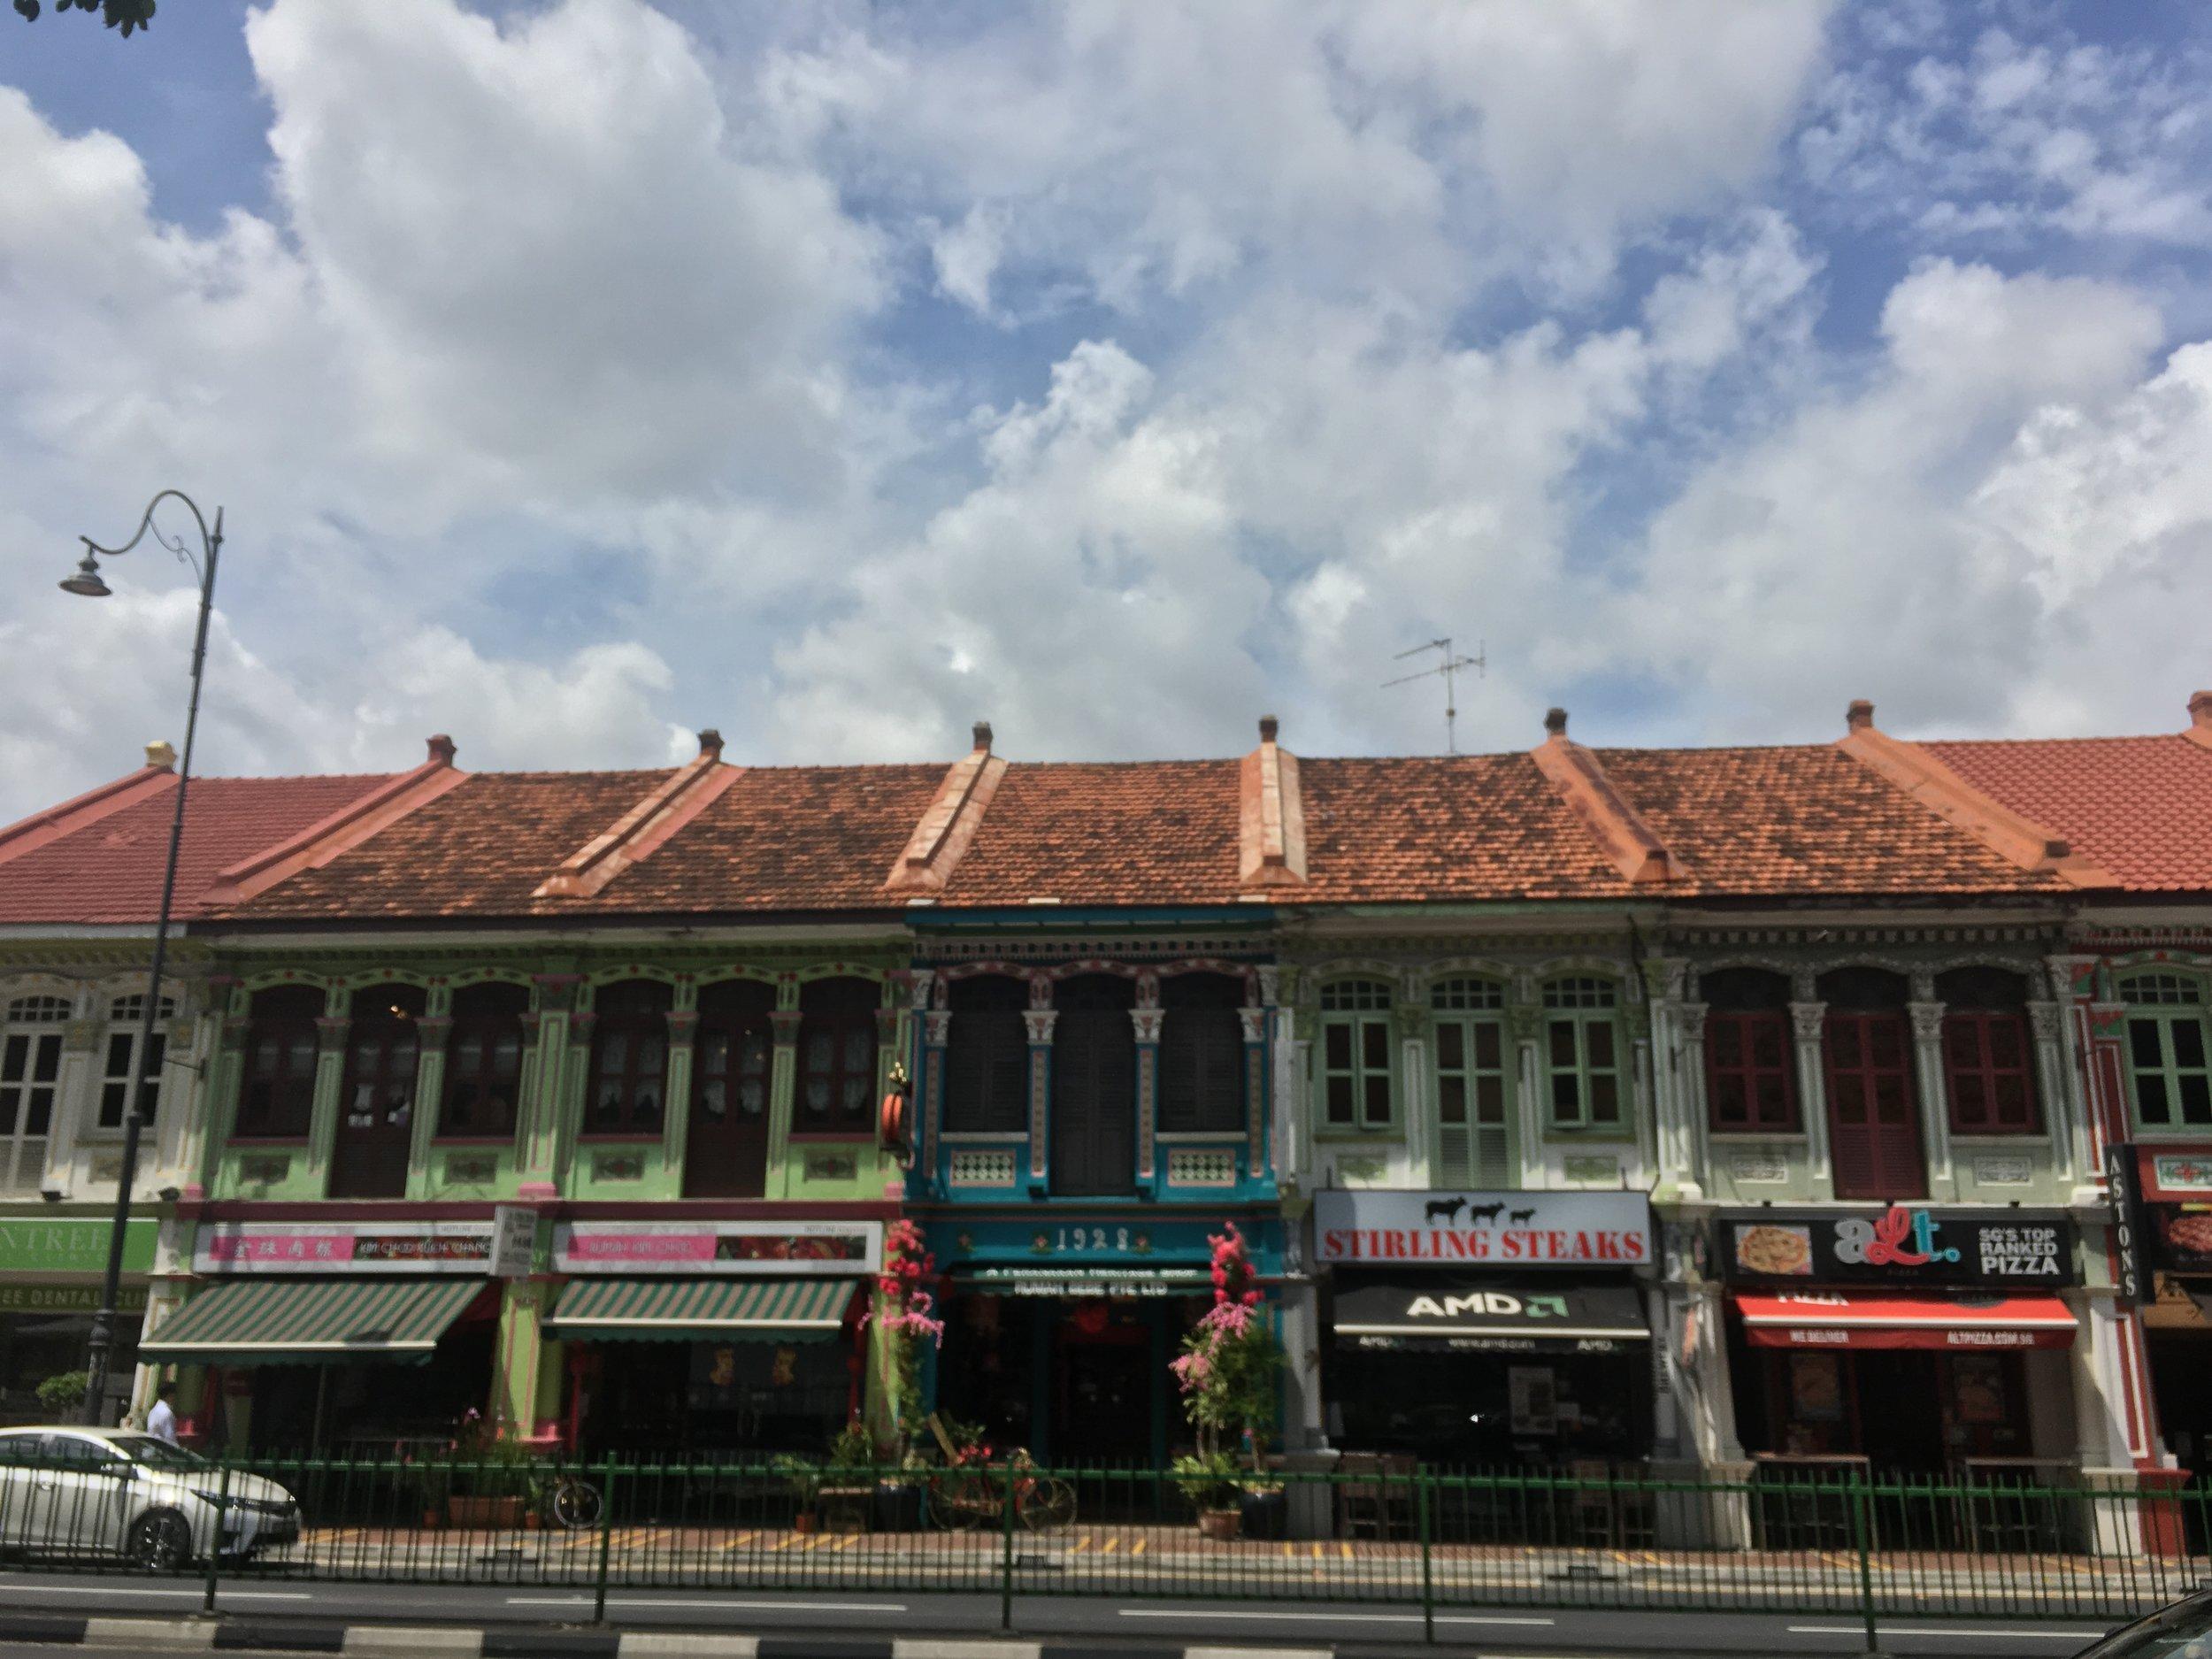 Chinatown facades